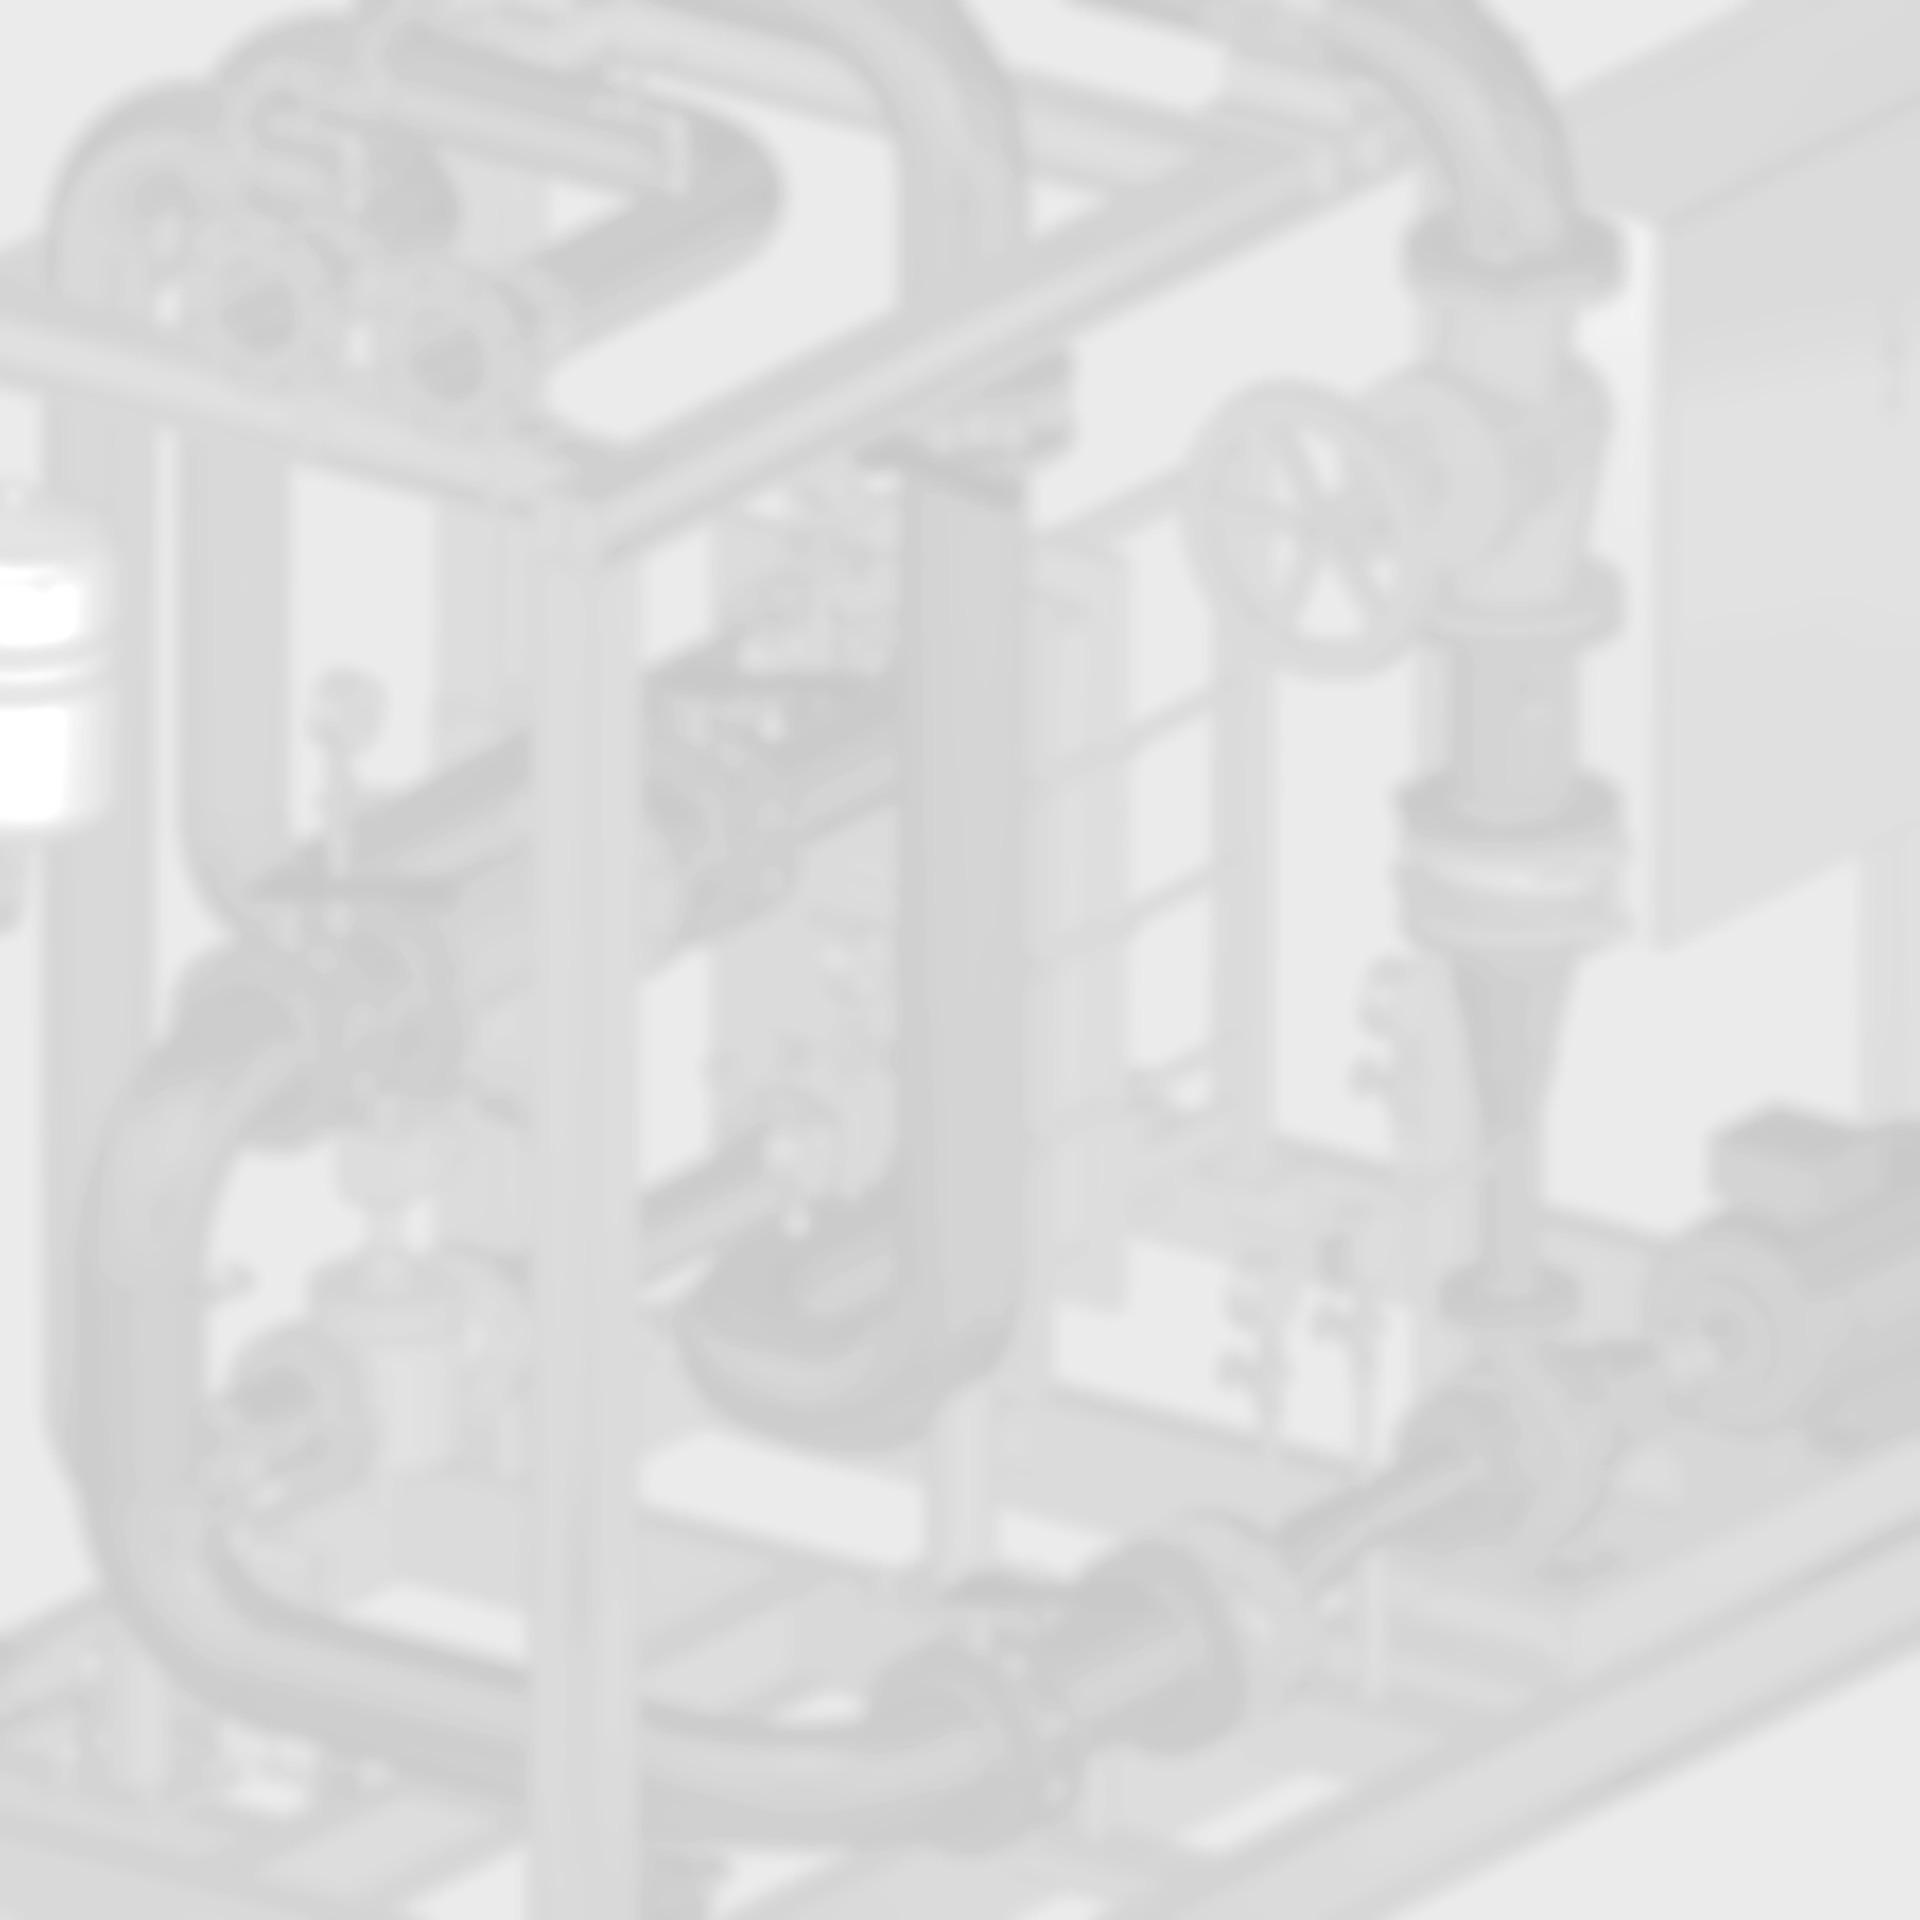 GWA_Engineering_Made_in_Germany_2_Gesellschaft_fuer_Waerme_und_Anlagentechnik_monochrom